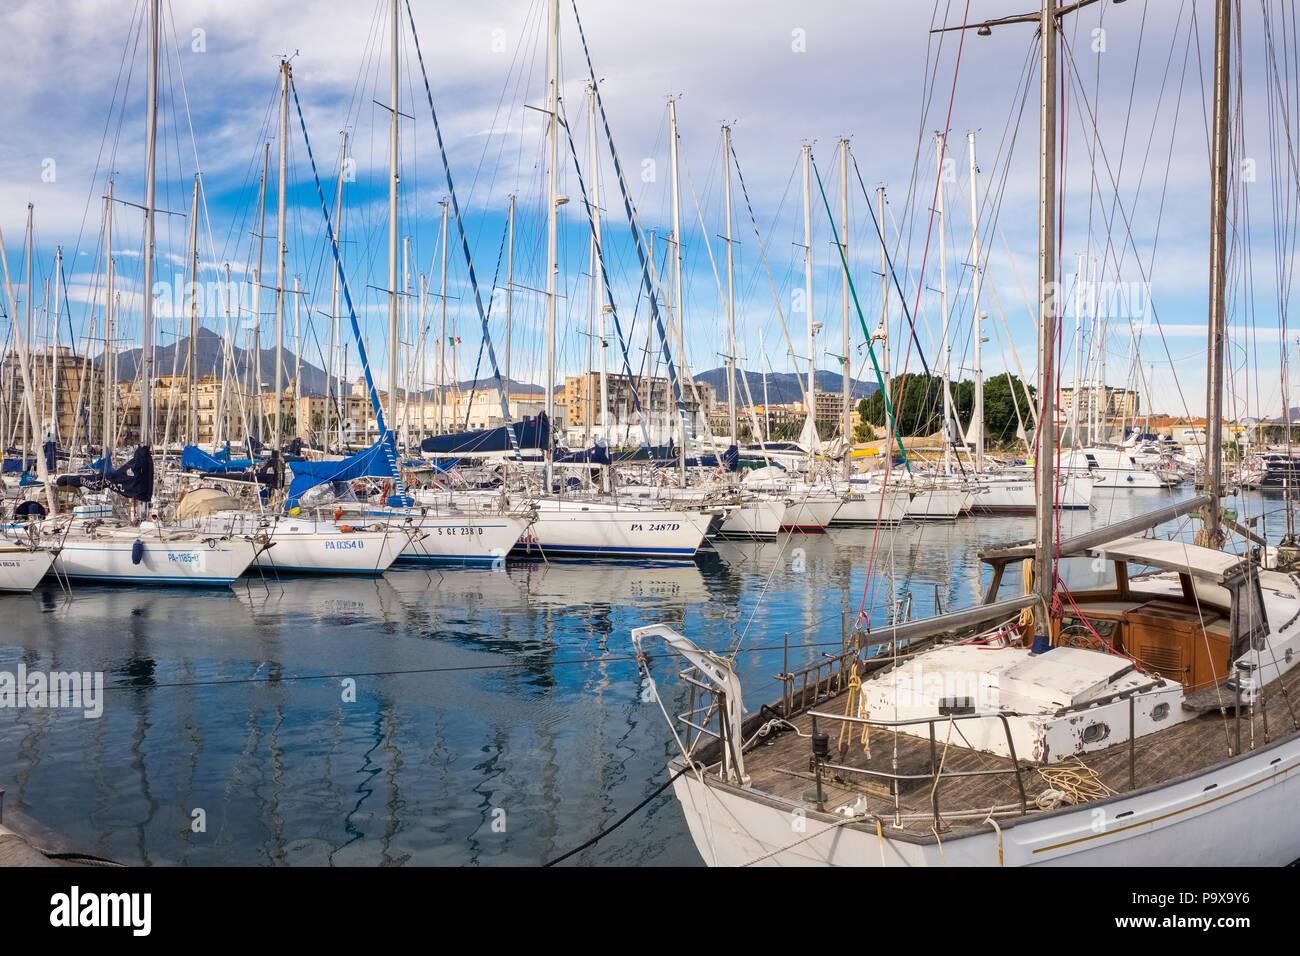 Barche e yacht al porto di Palermo in Sicilia, Italia, Europa Immagini Stock